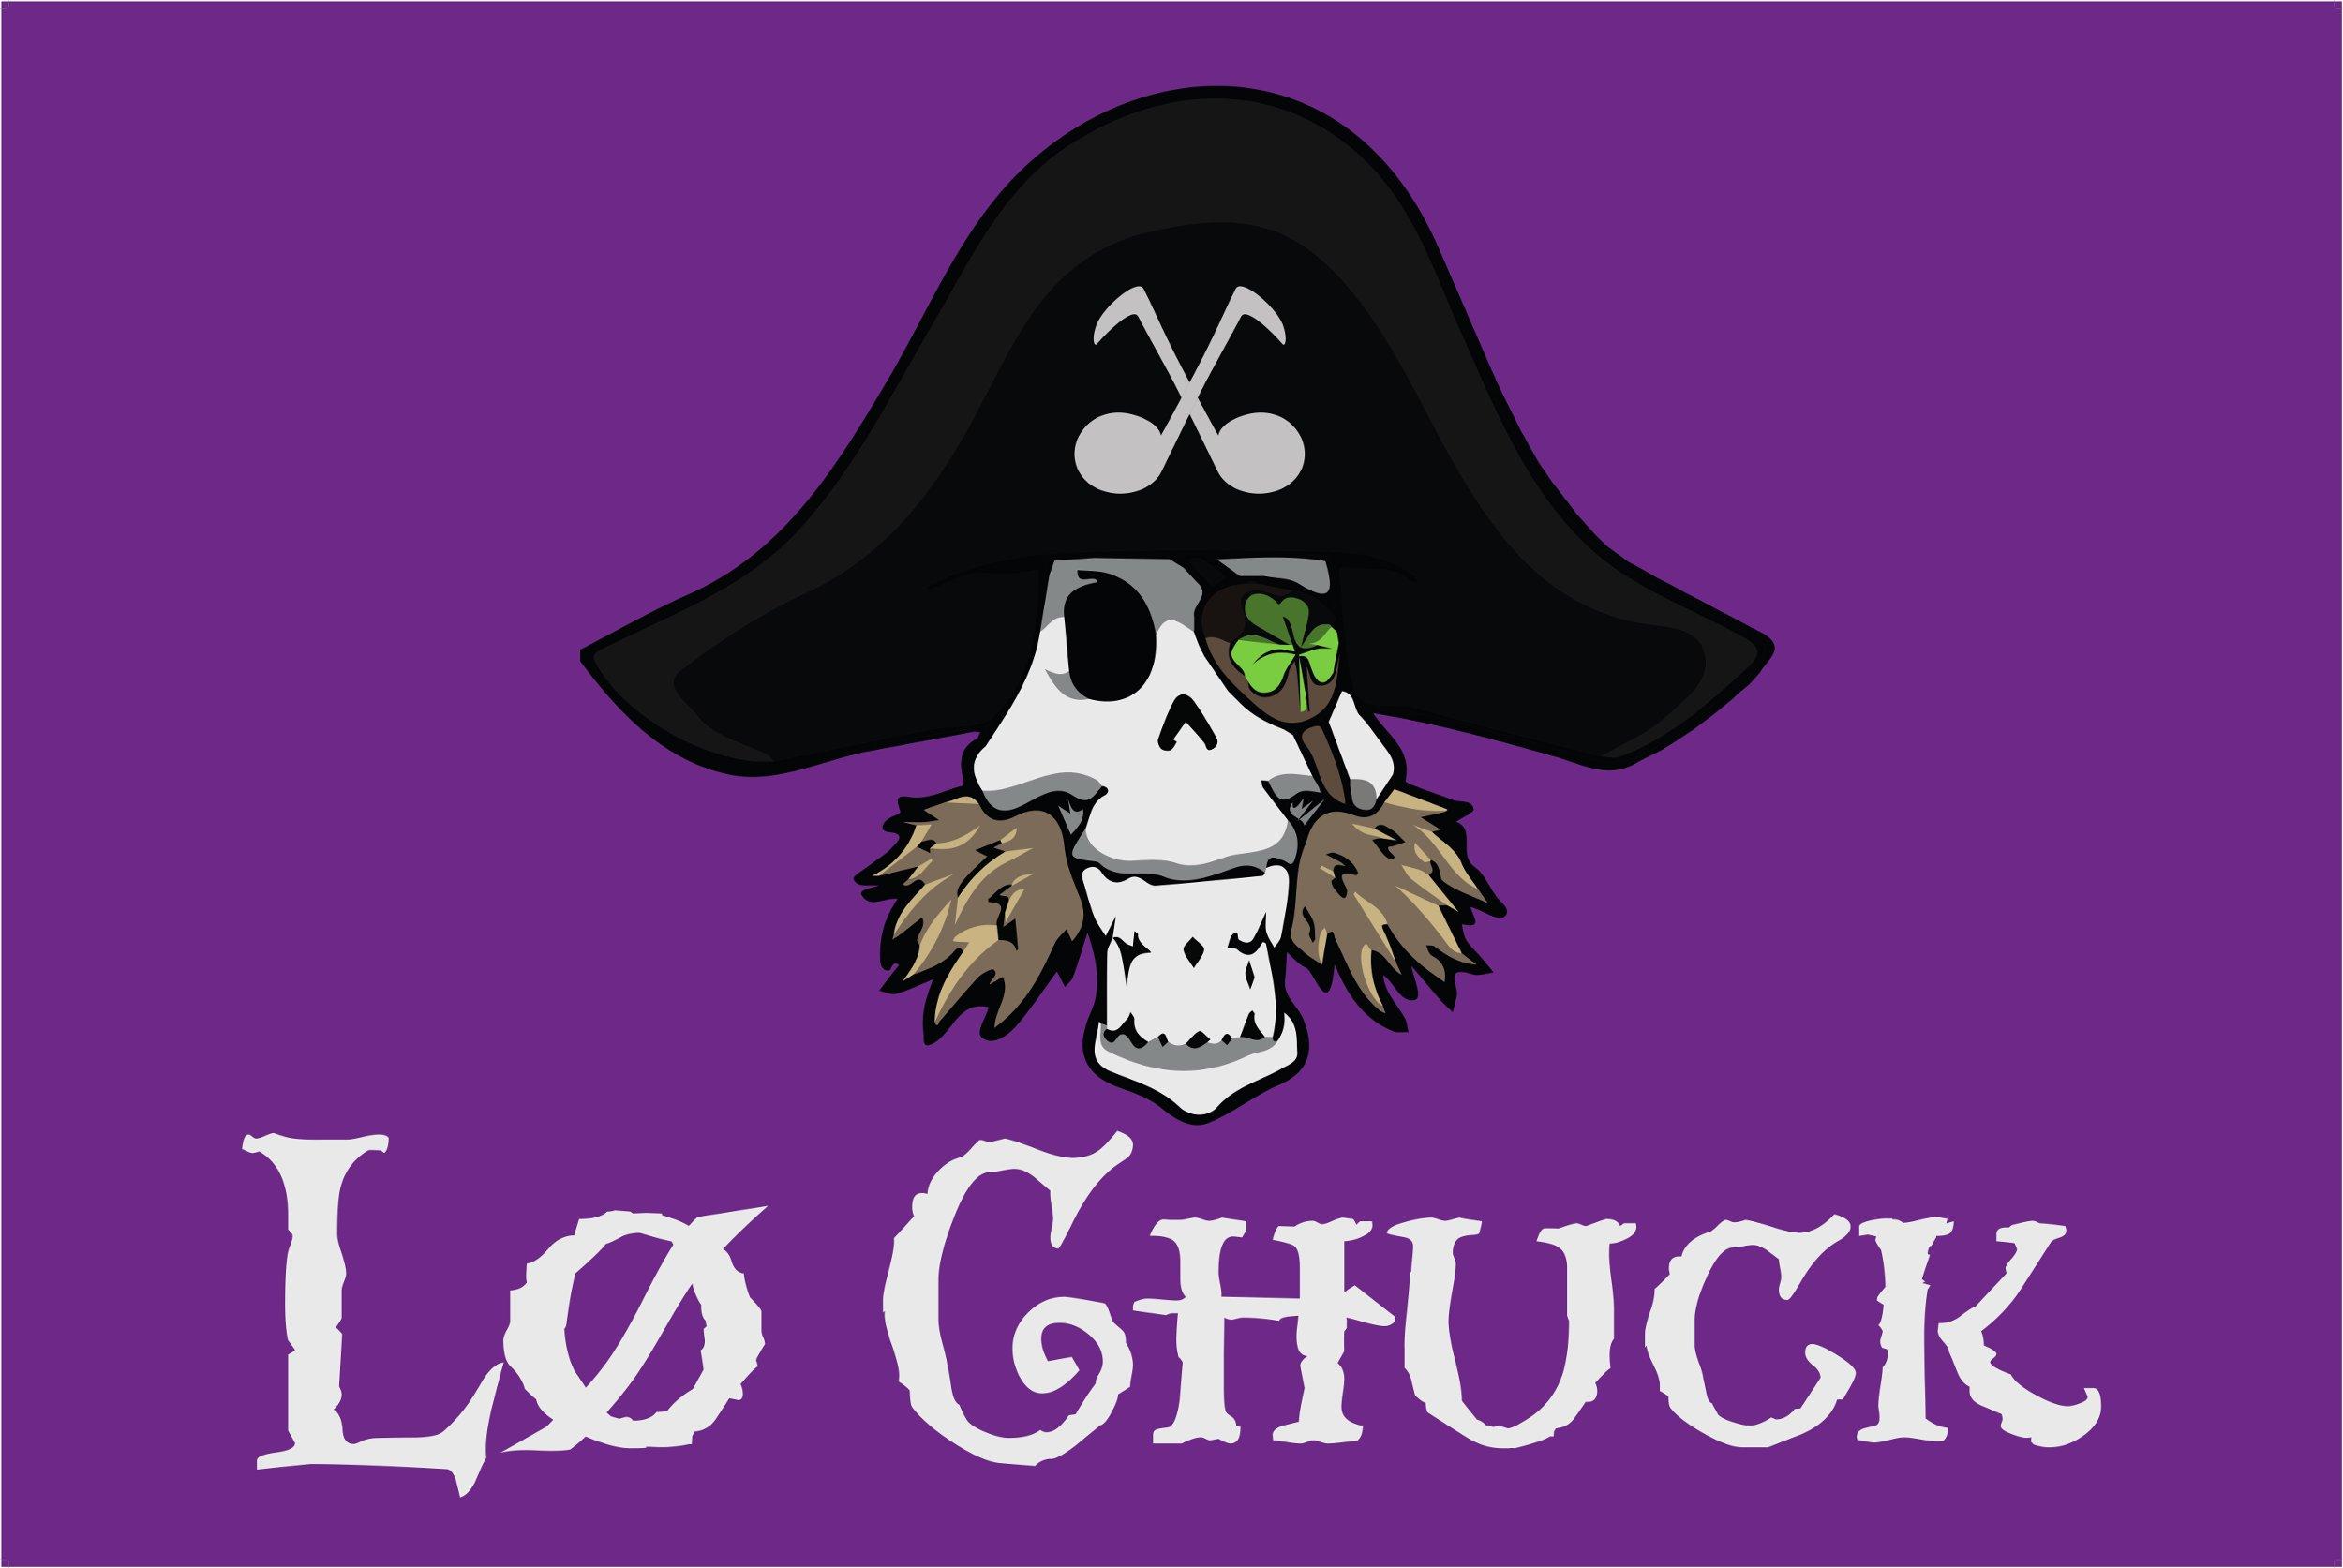 Lø Chuck